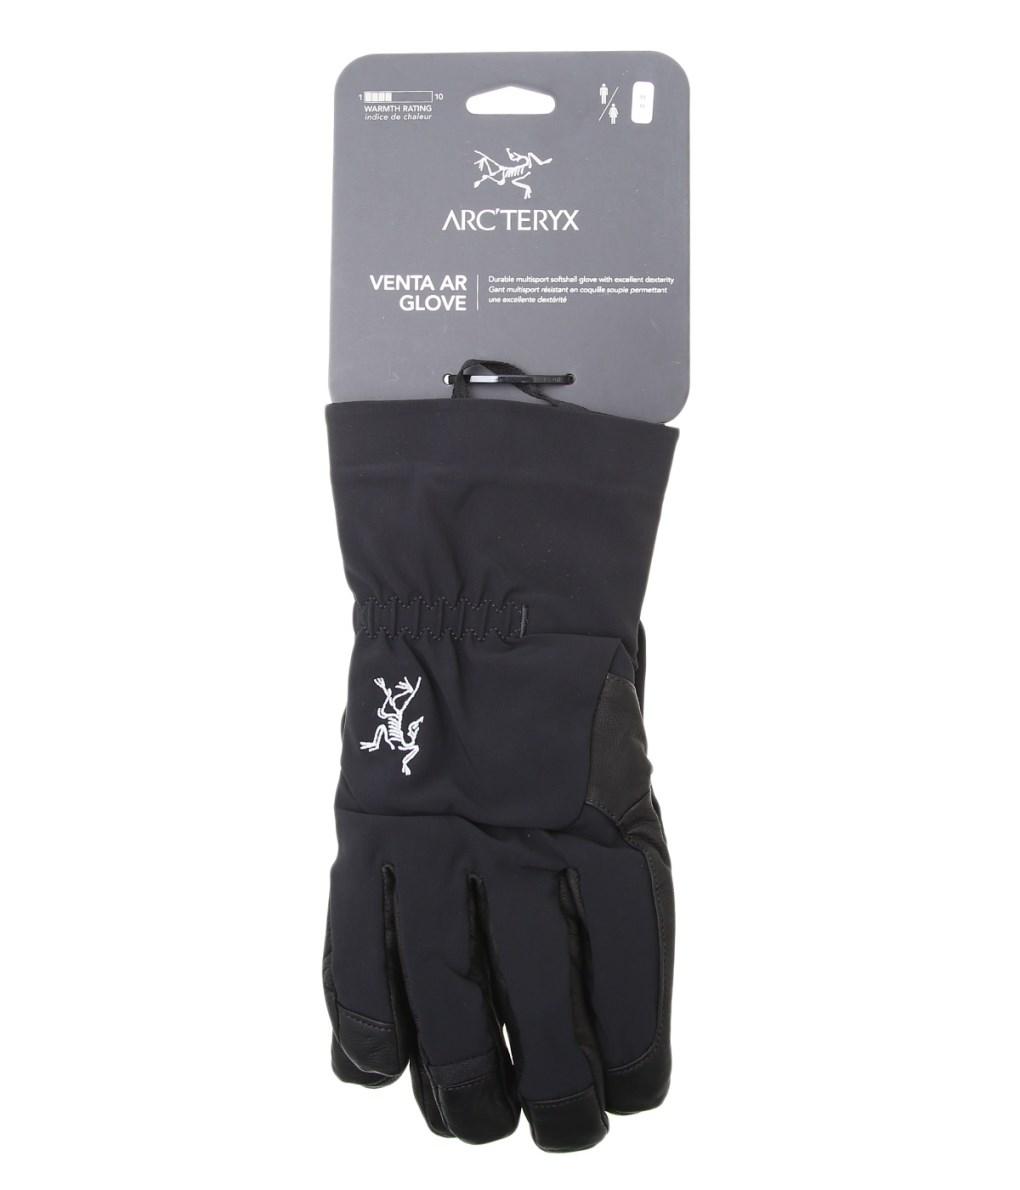 正規取扱 3980円以上で送料無料 昼12時30分までの注文で即日発送 ARC'TERYX アークテリクス : Venta AR L07246200 手袋 売り込み ベンタ Glove STD 数量は多 グローブ ヴェンタ